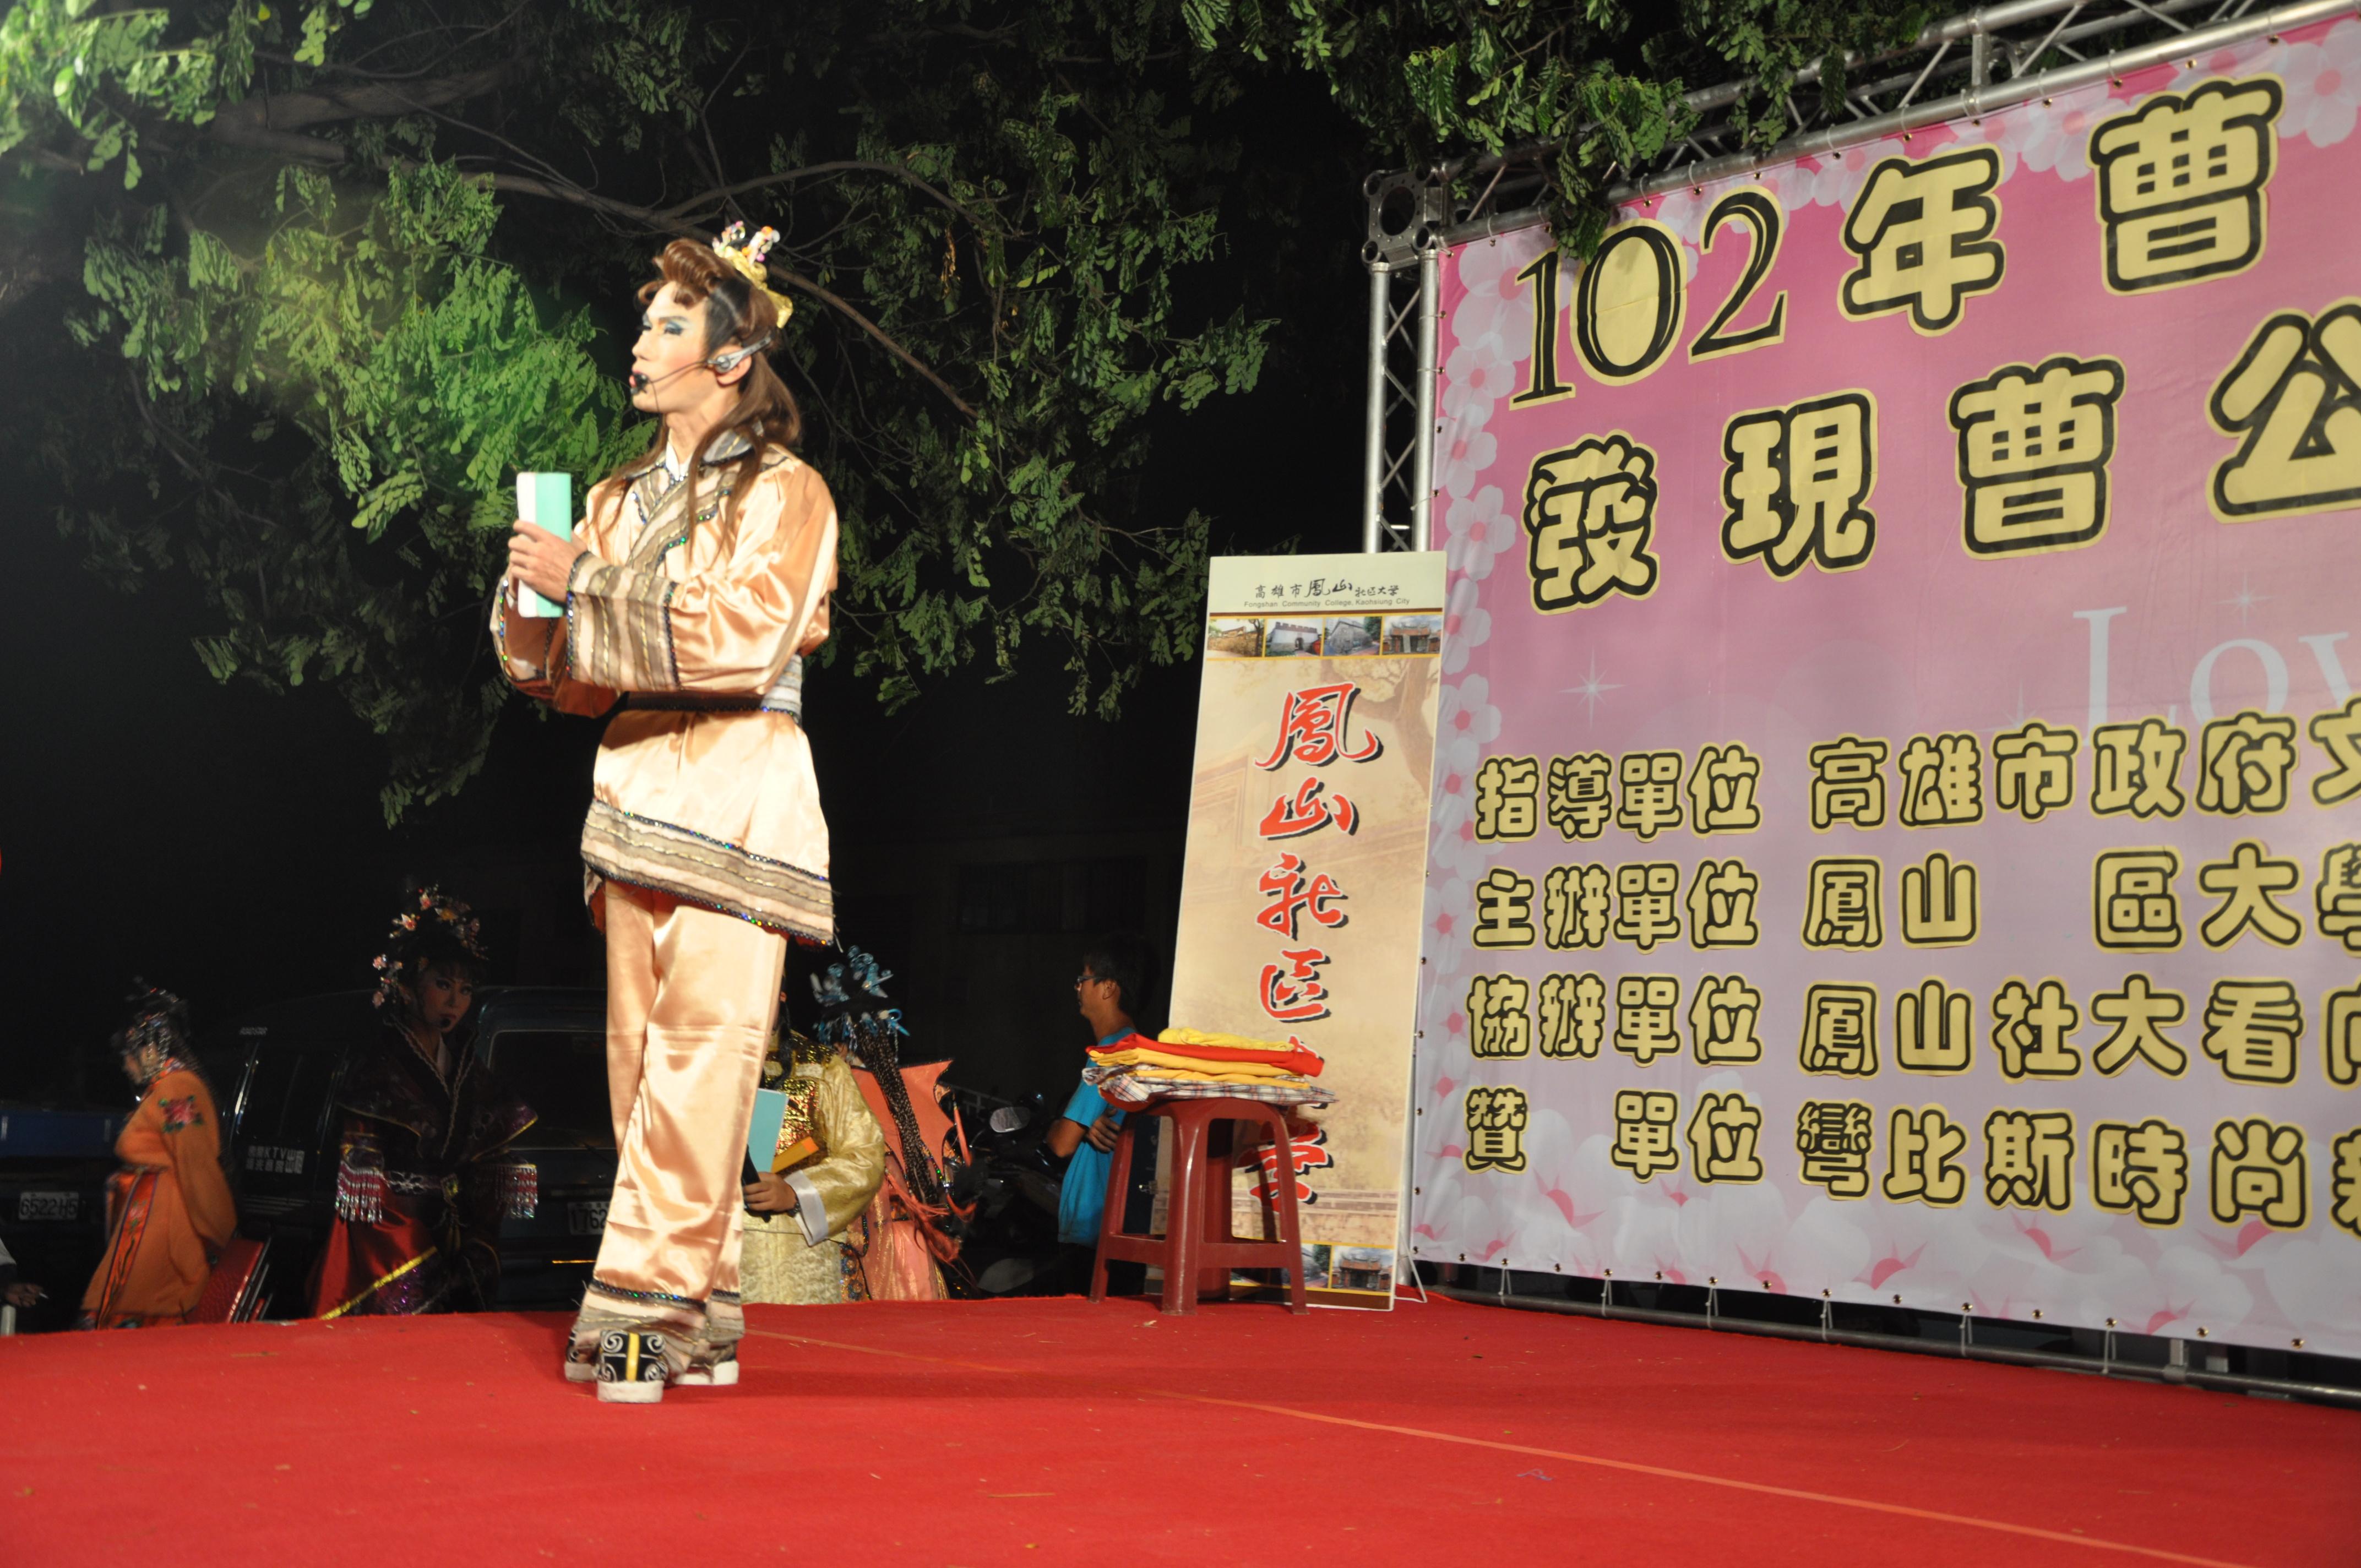 102年曹公圳175-發現鳳山曹公水圳之美